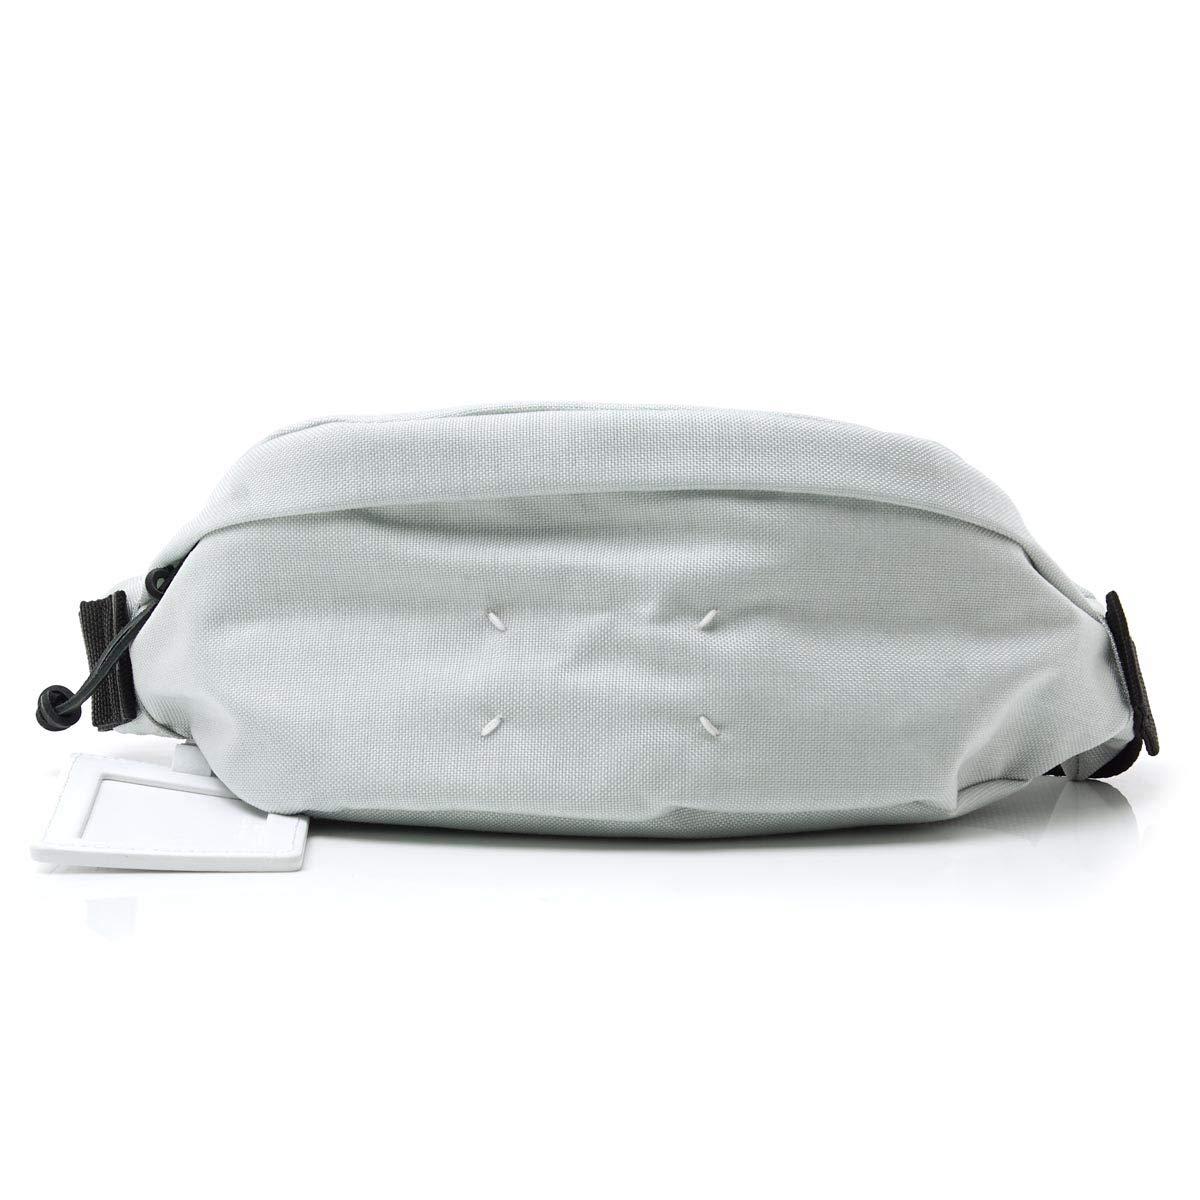 (メゾンマルジェラ) Maison Margiela ベルトバッグ 11 女性と男性のためのアクセサリーコレクション STEREOTYPE ステレオタイプ [並行輸入品] B07M62RP44